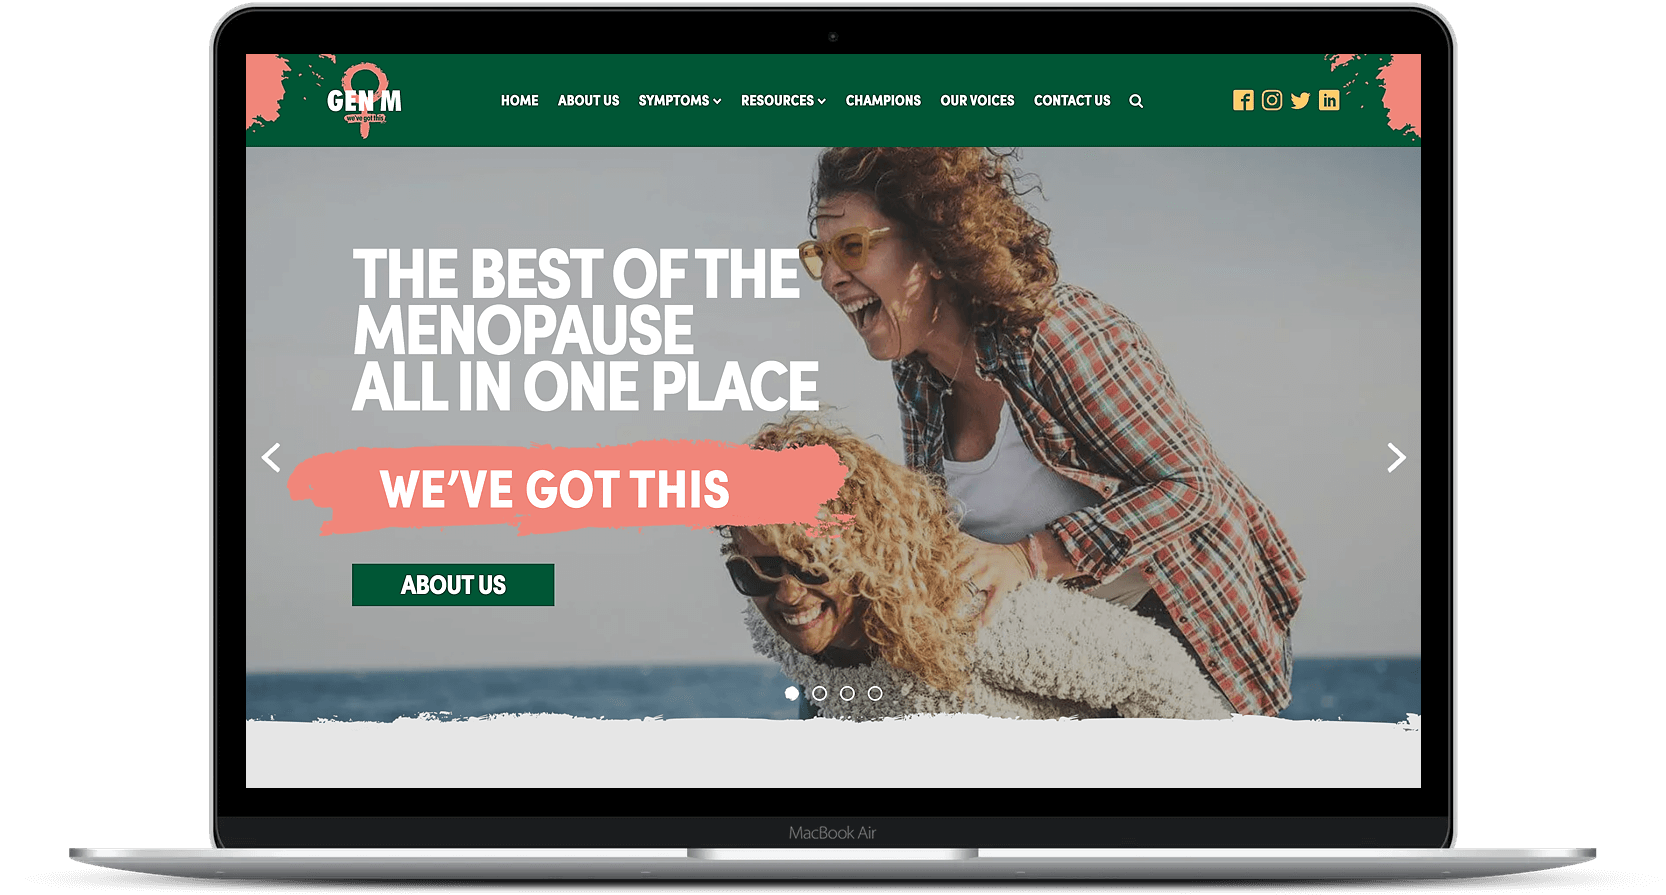 Website Design for Gen M